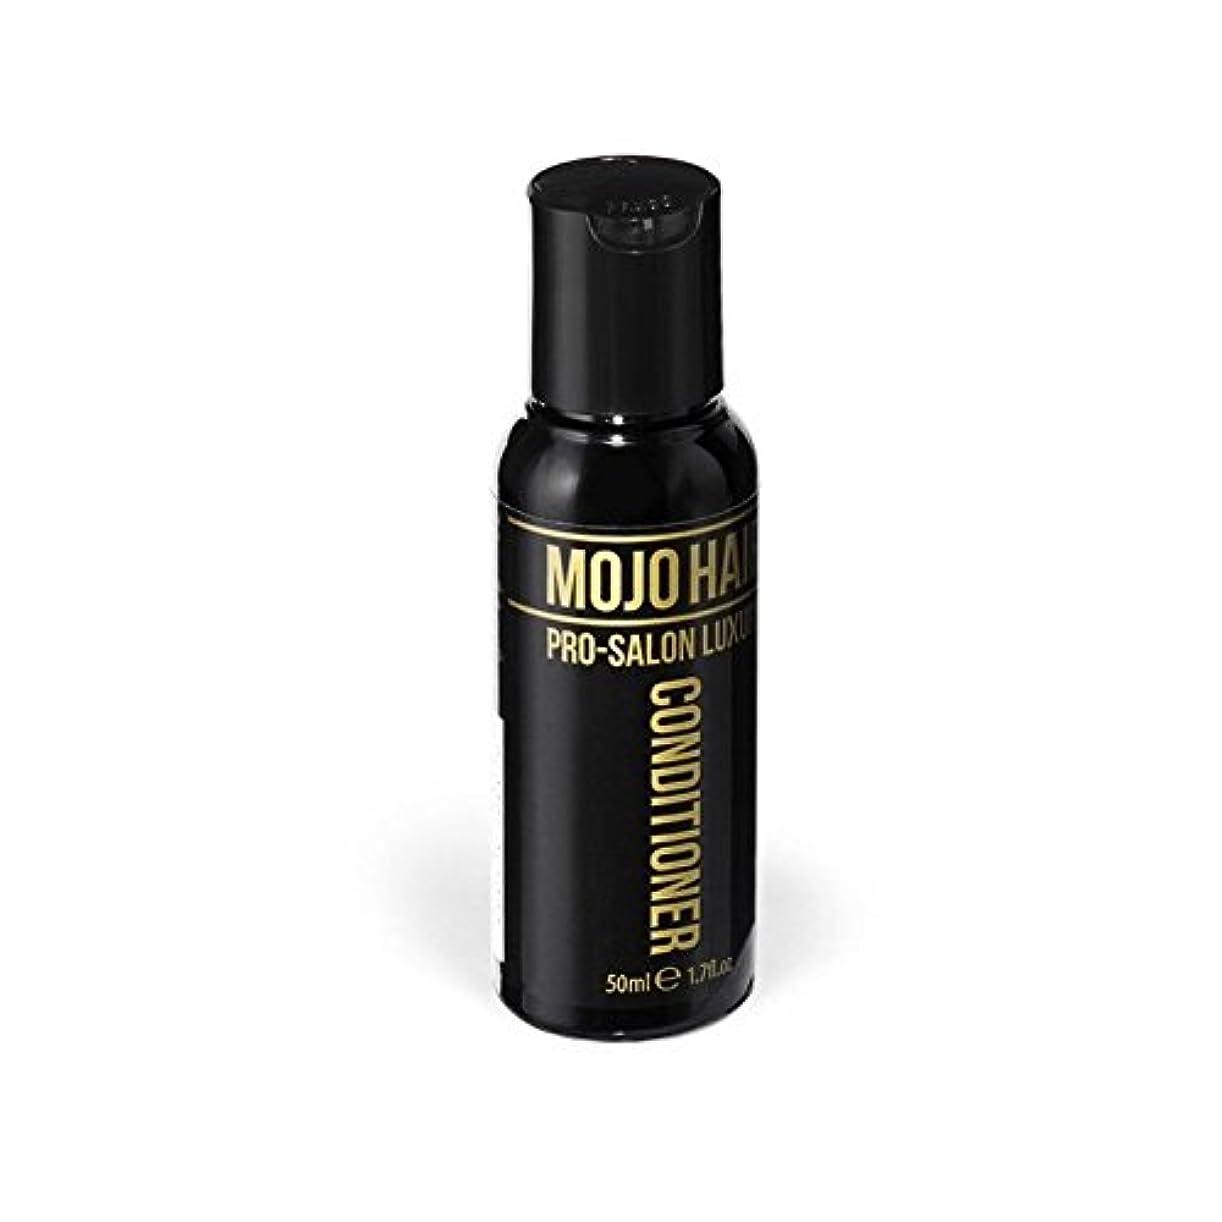 膨張するマウンド主流Mojo Hair Pro-Salon Luxury Conditioner (50ml) (Pack of 6) - モジョの毛プロのサロンの贅沢なコンディショナー(50ミリリットル) x6 [並行輸入品]